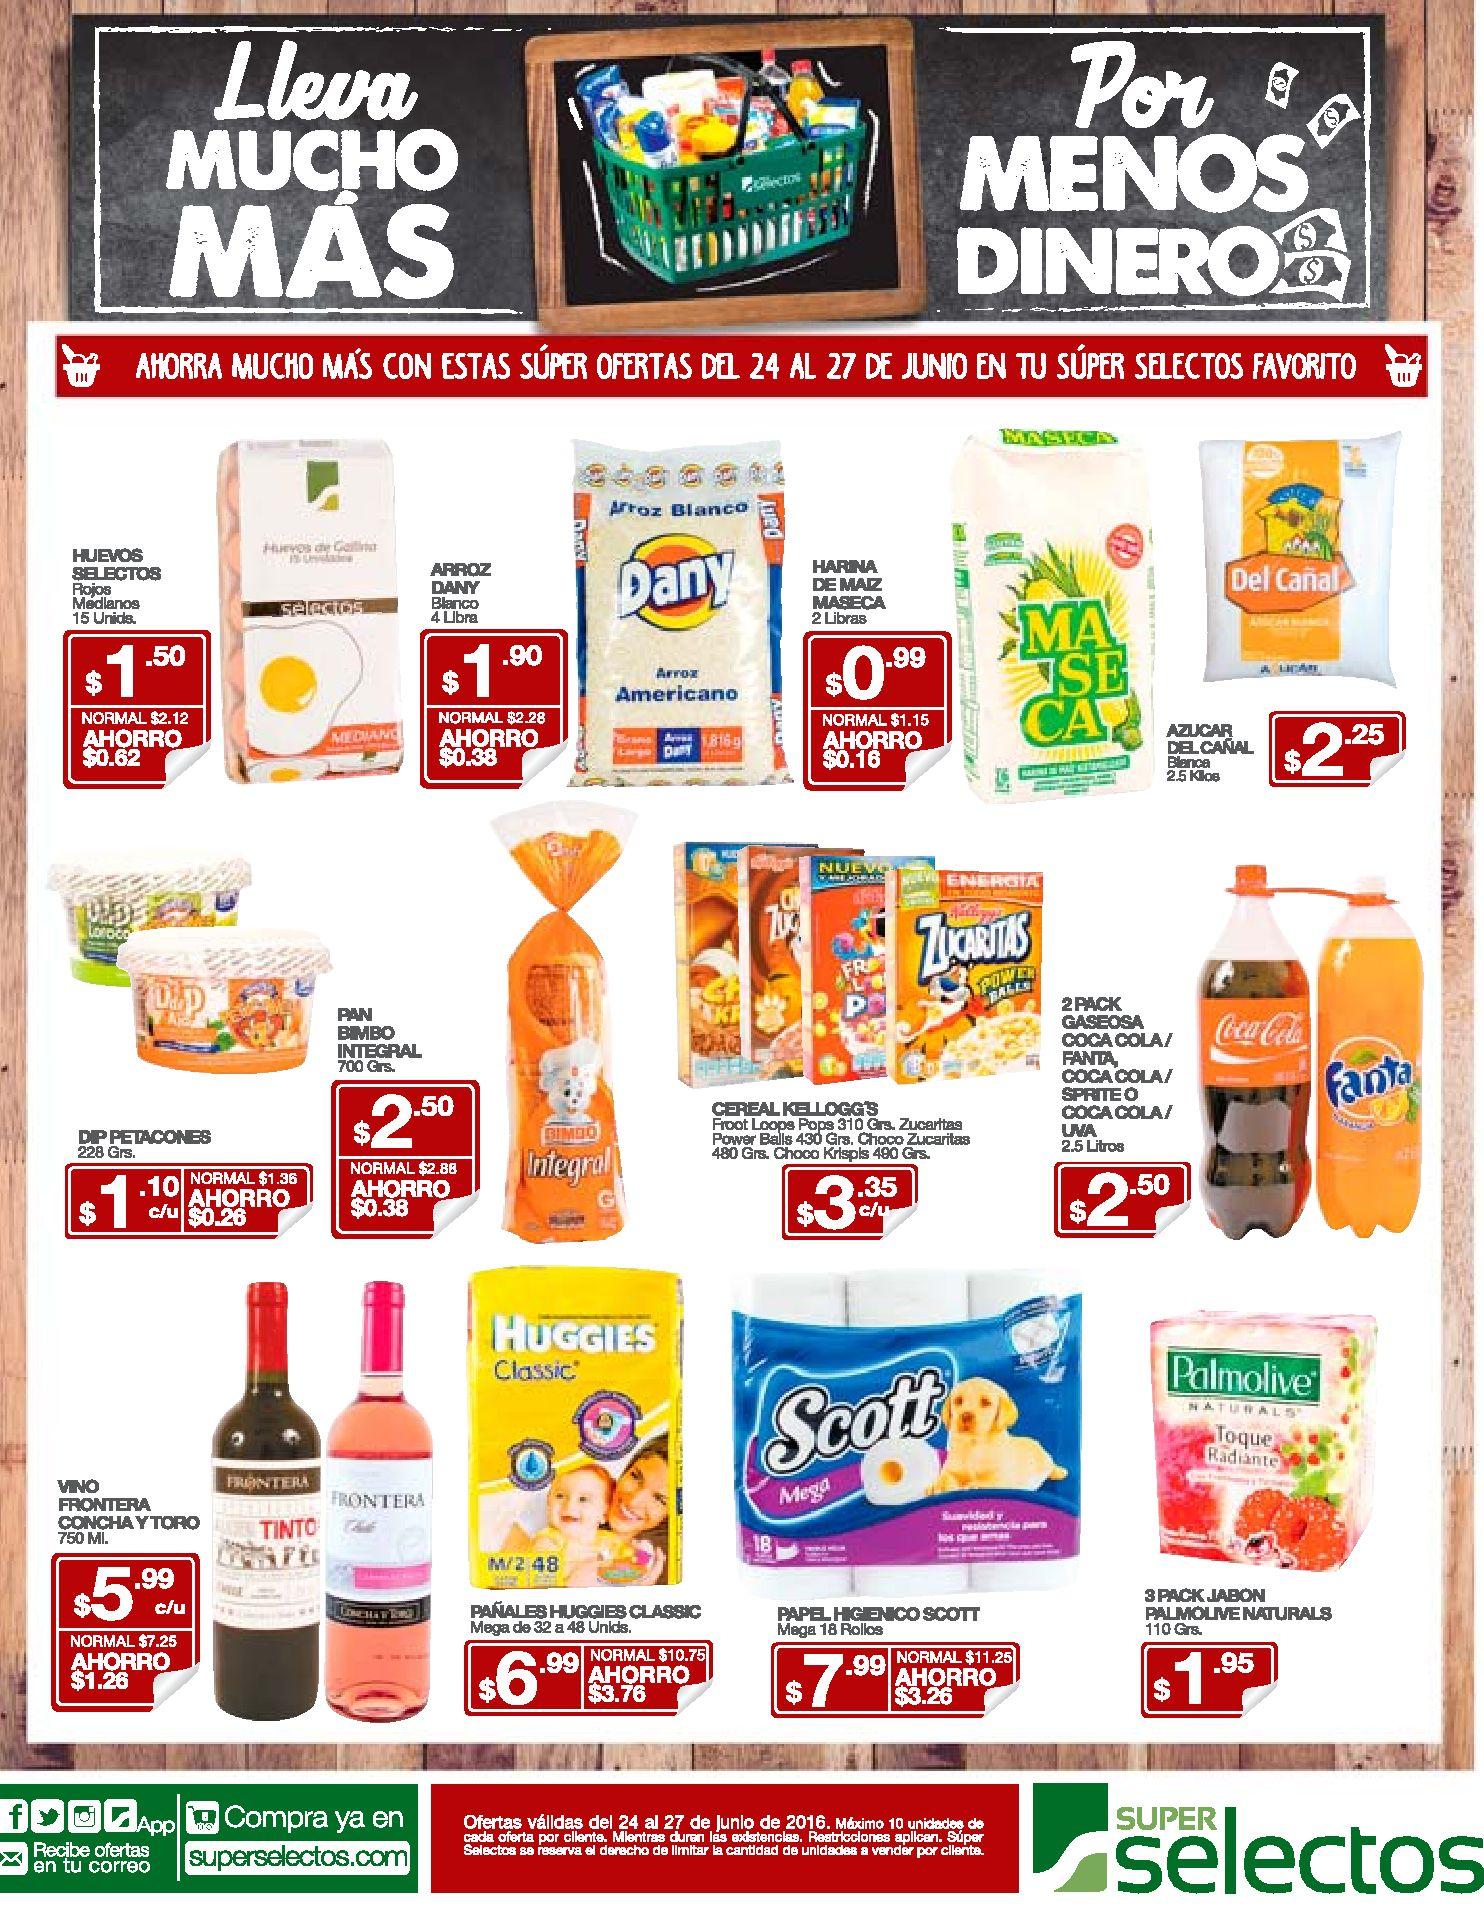 Ofertas de los productos mas vendidos en super selectos ofertas ahora - Articulos mas vendidos ...